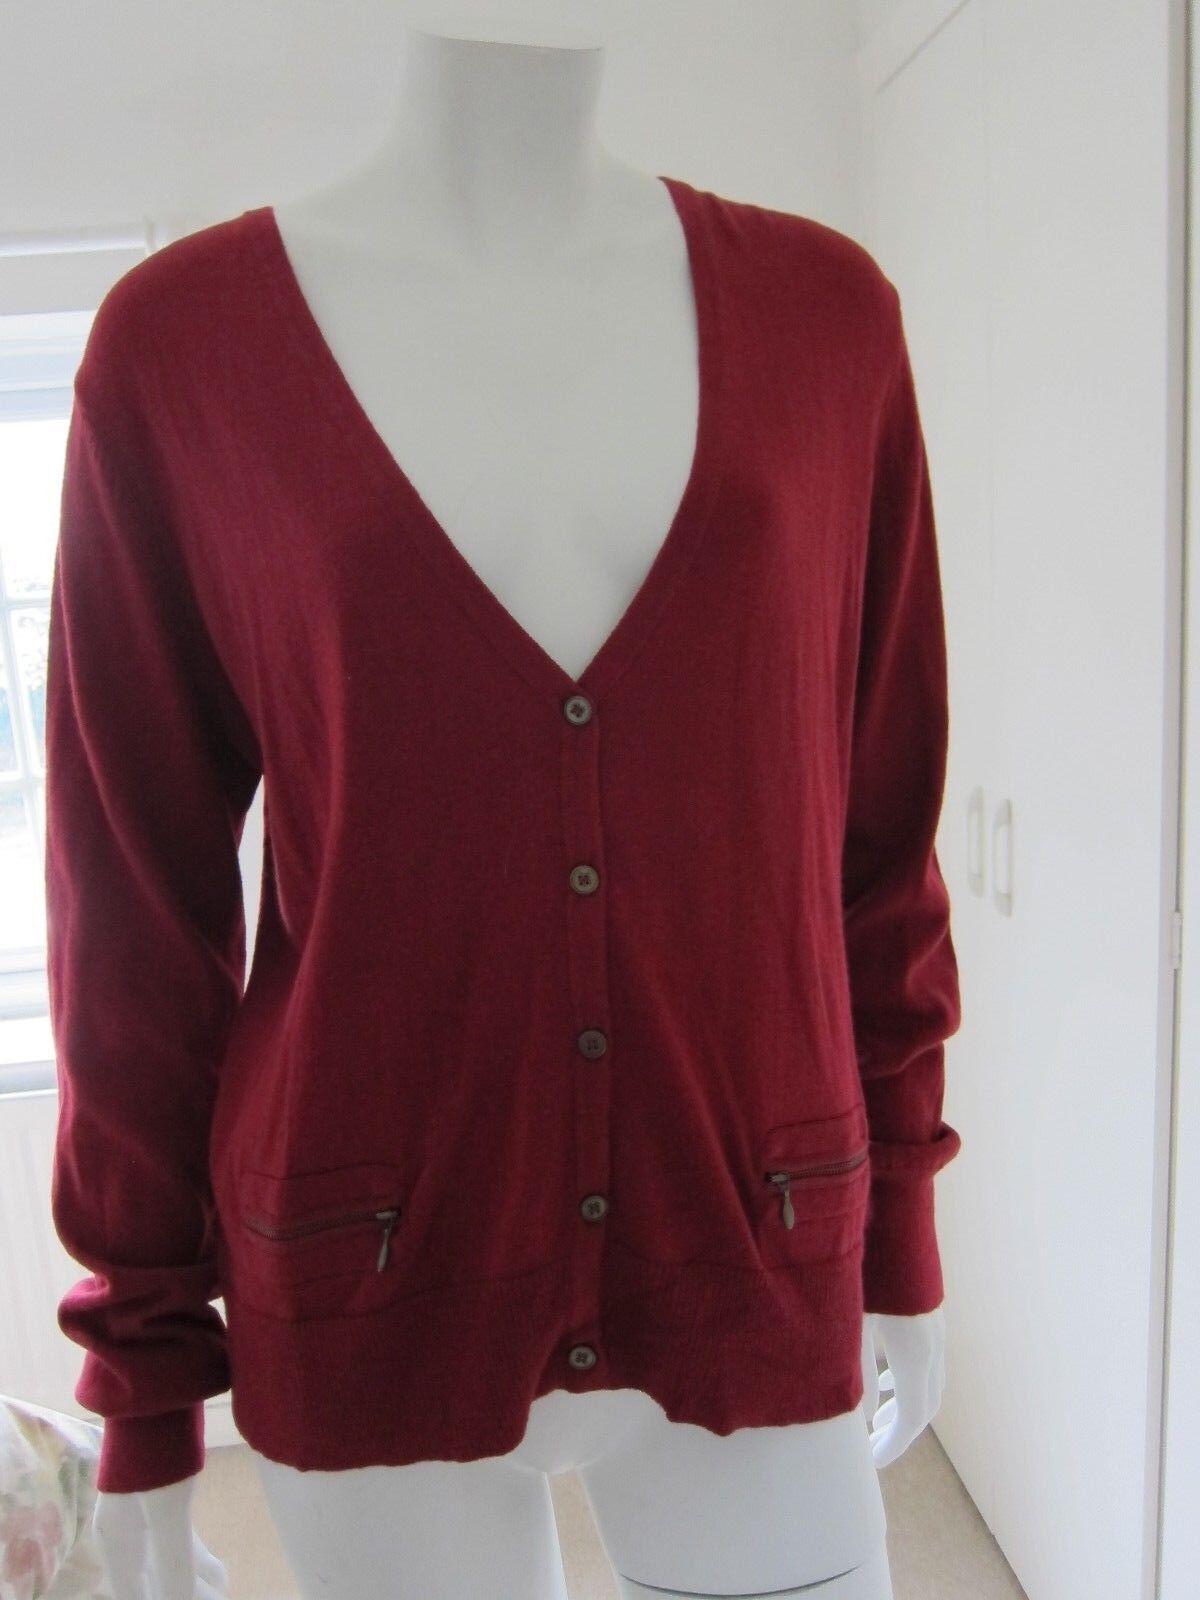 Pulsante Laura Ashley Donna Cardigan velluto rosso, tasche con zip, taglia RRP